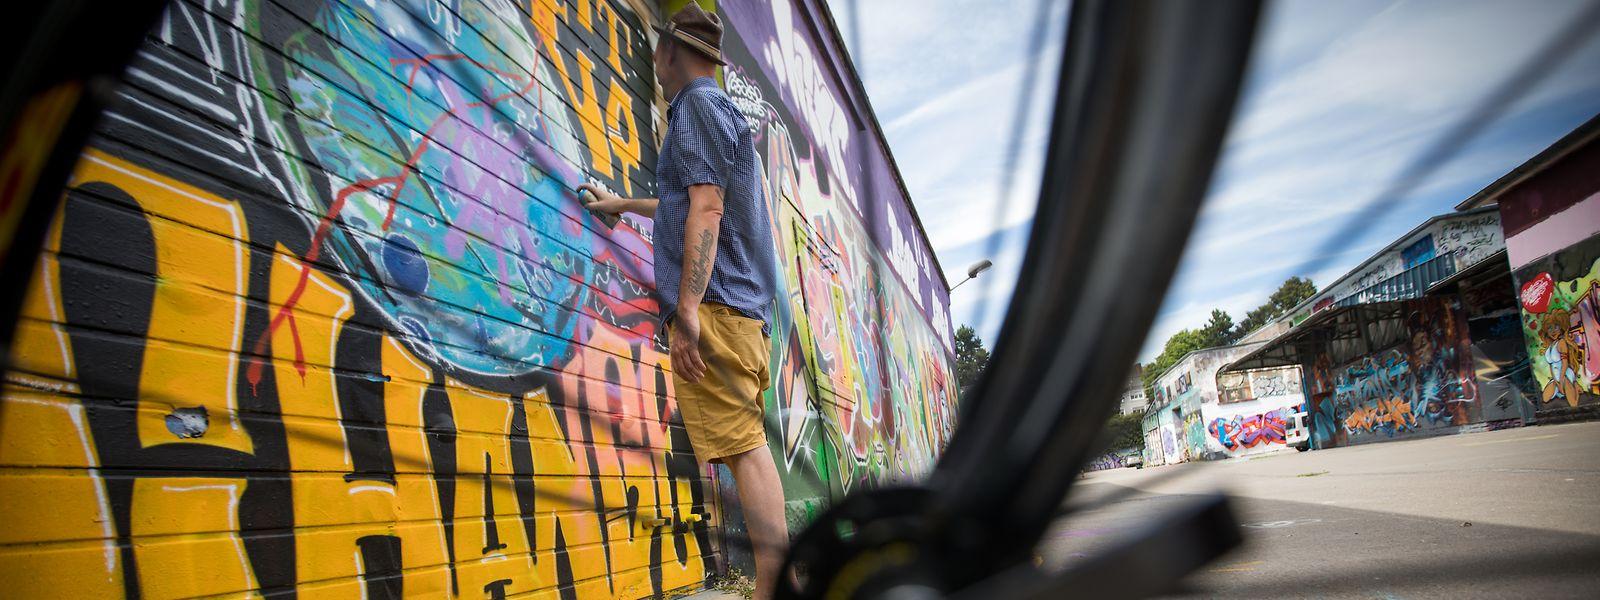 Lieu de rencontre privilégié pour les amateurs de street art, les anciens abattoirs devraient conserver cet aspect culturel après leur transformation.